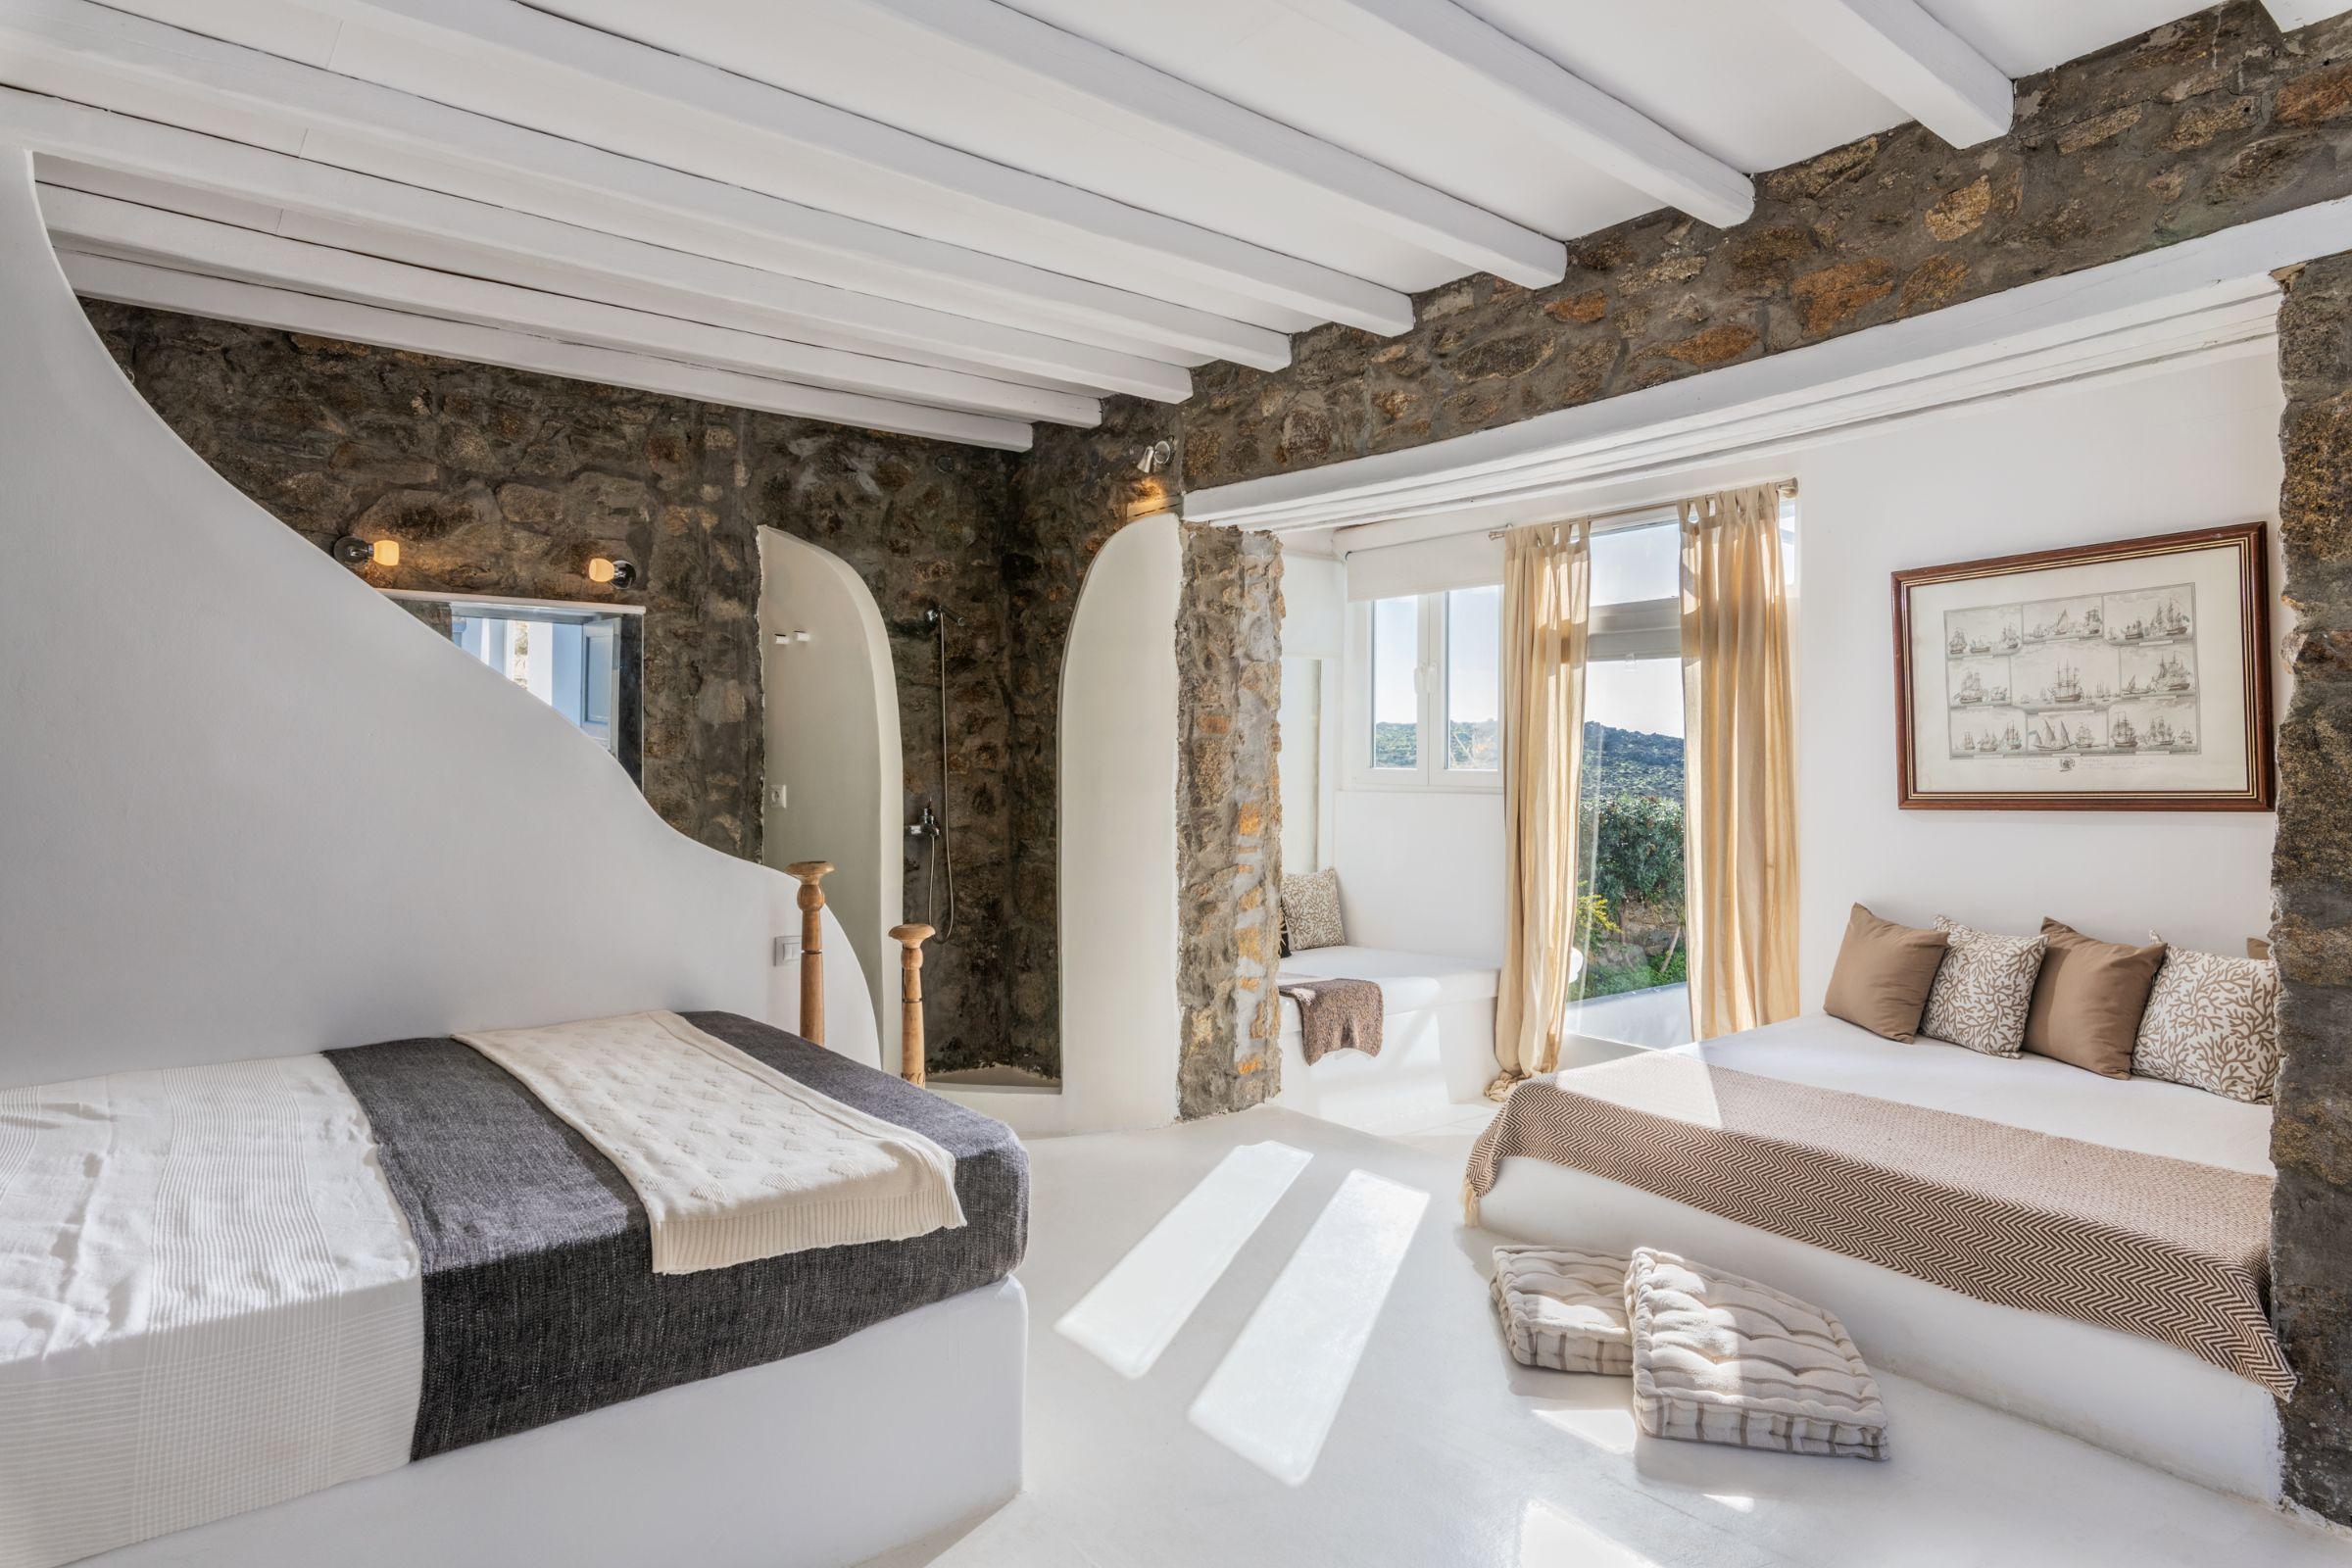 double Villa Leimon Aleomandra mykonos